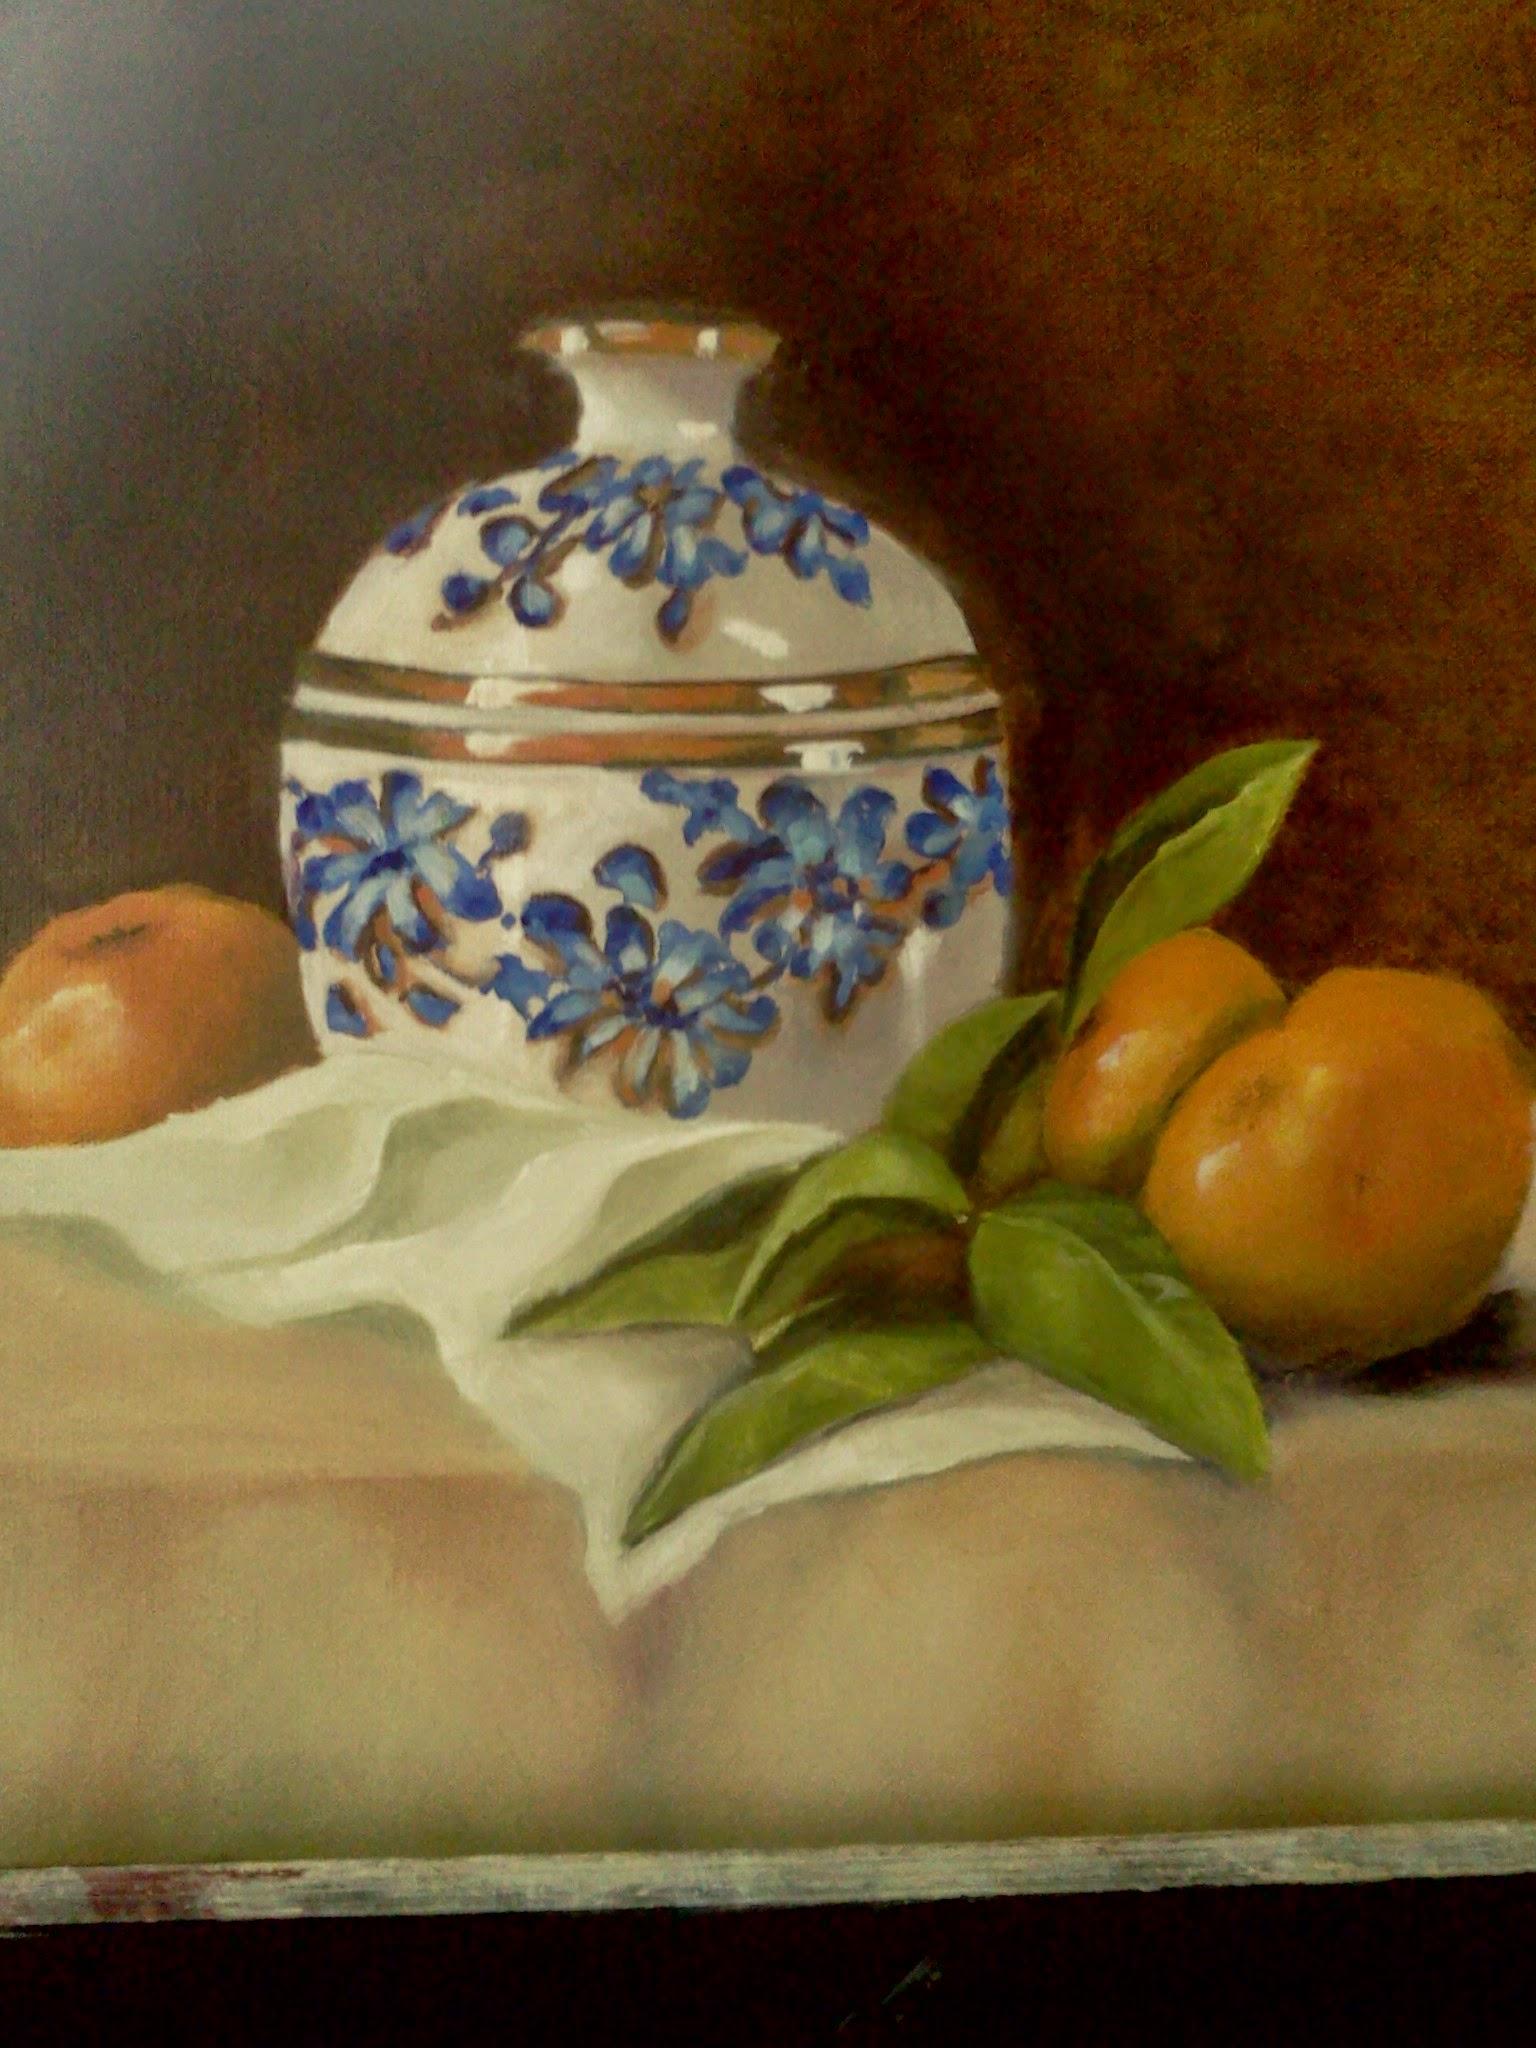 Still life vases brian klepper phd 1536 2048 pixels pitcher still life reviewsmspy